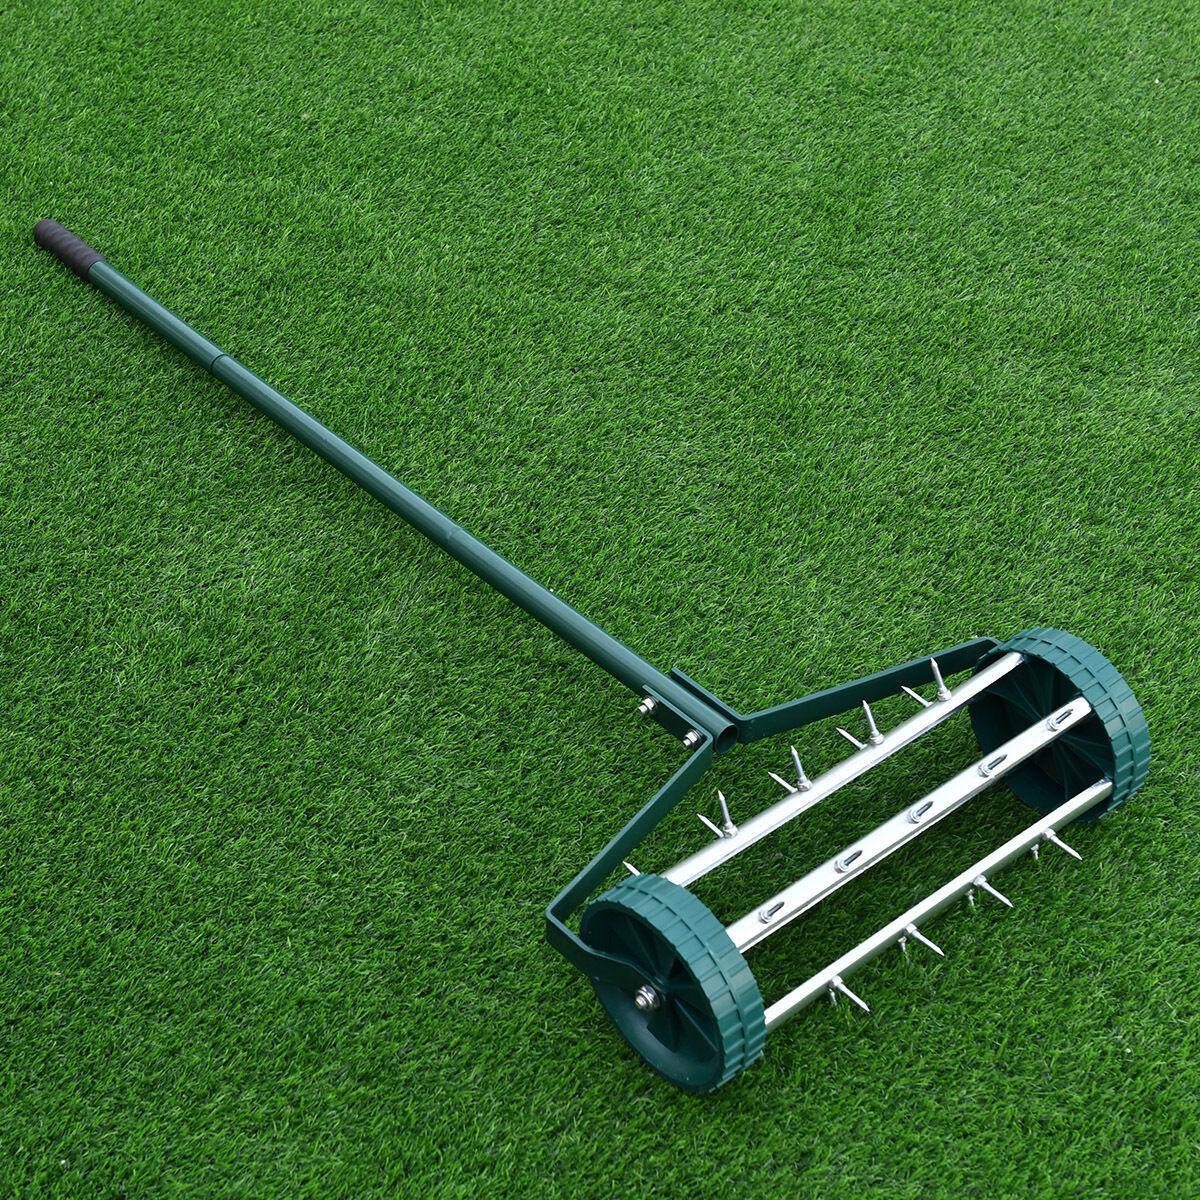 Heavy Duty Rolling Grass Lawn Garden Aerator Steel Spike